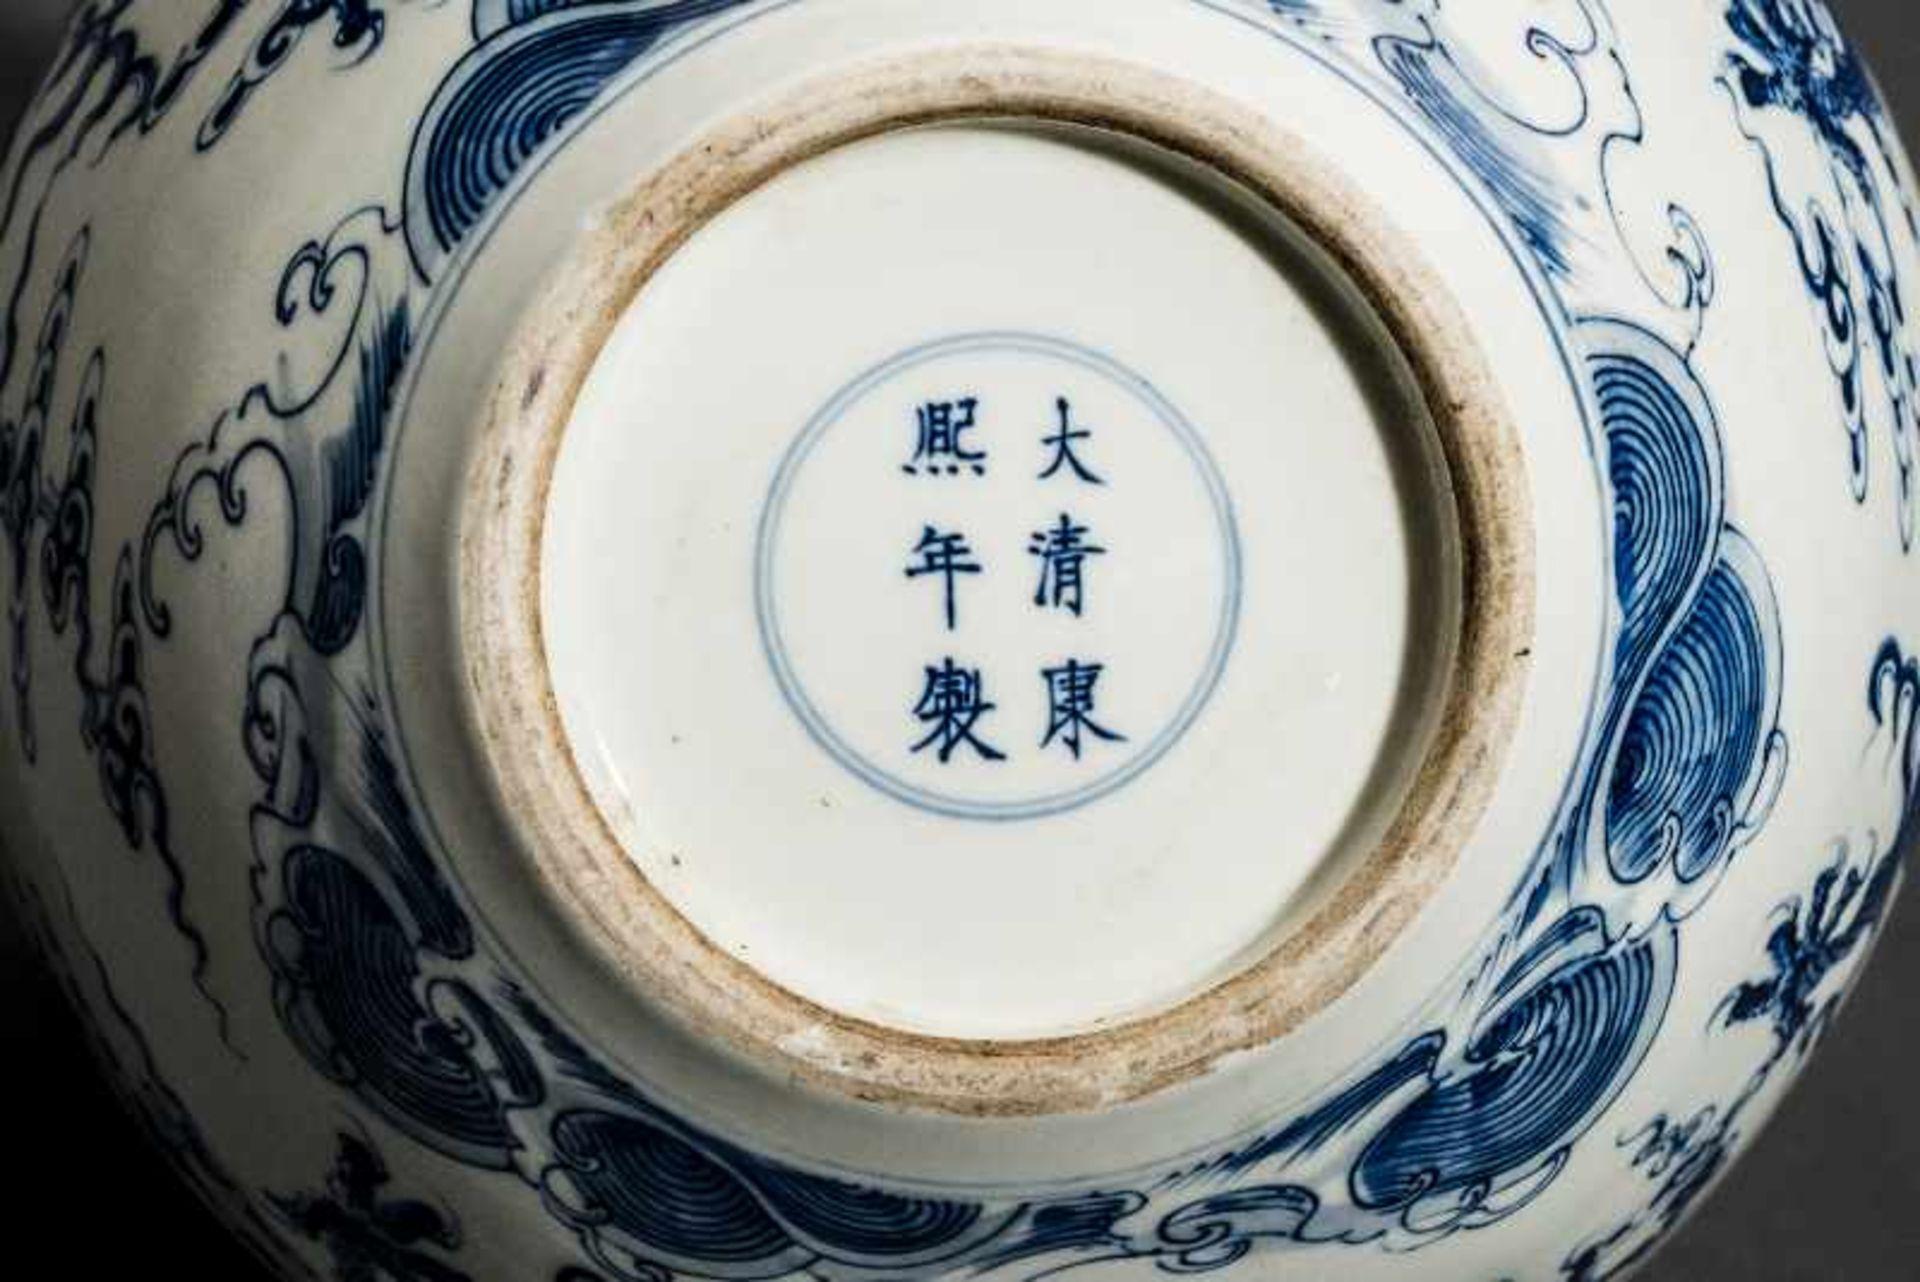 """VASE MIT FÜNF WILDEN DRACHEN Blauweißes Porzellan. China, Sehr belebt gemaltes Motiv """"Drachen in den - Image 5 of 5"""